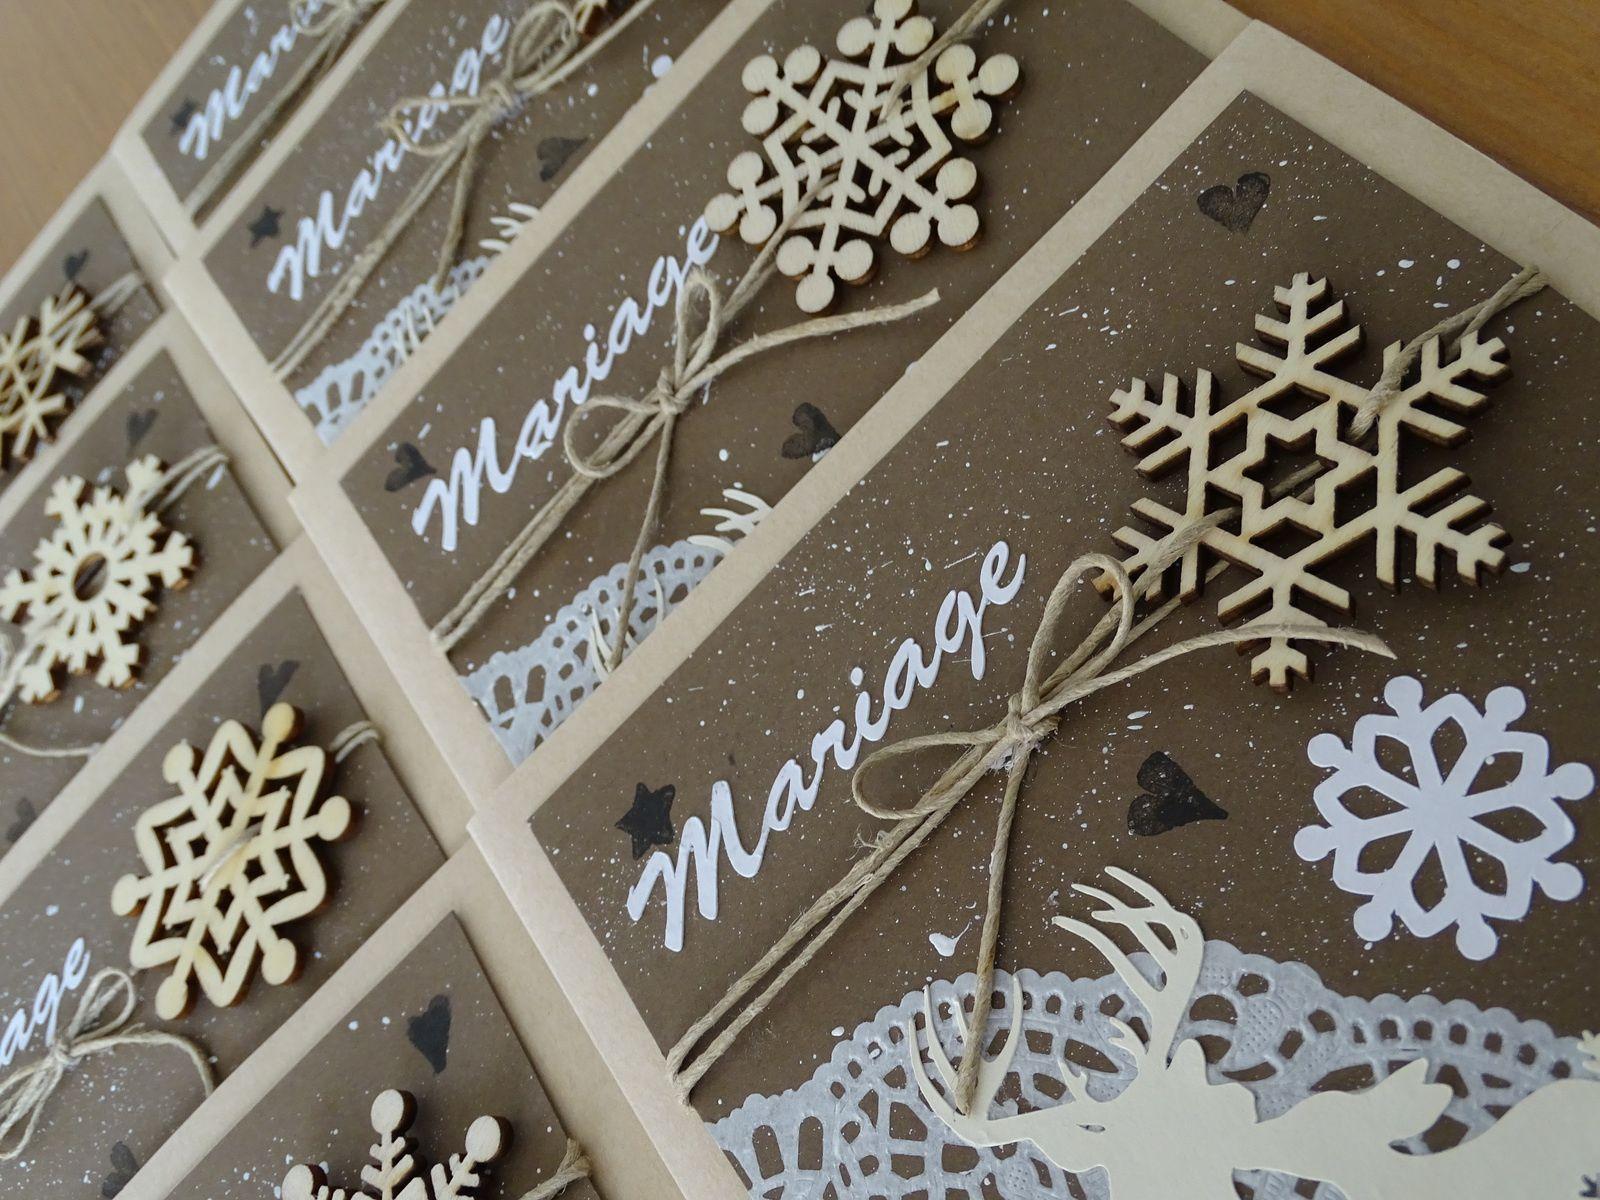 faire part de mariage th me nature hivernale les cr as. Black Bedroom Furniture Sets. Home Design Ideas